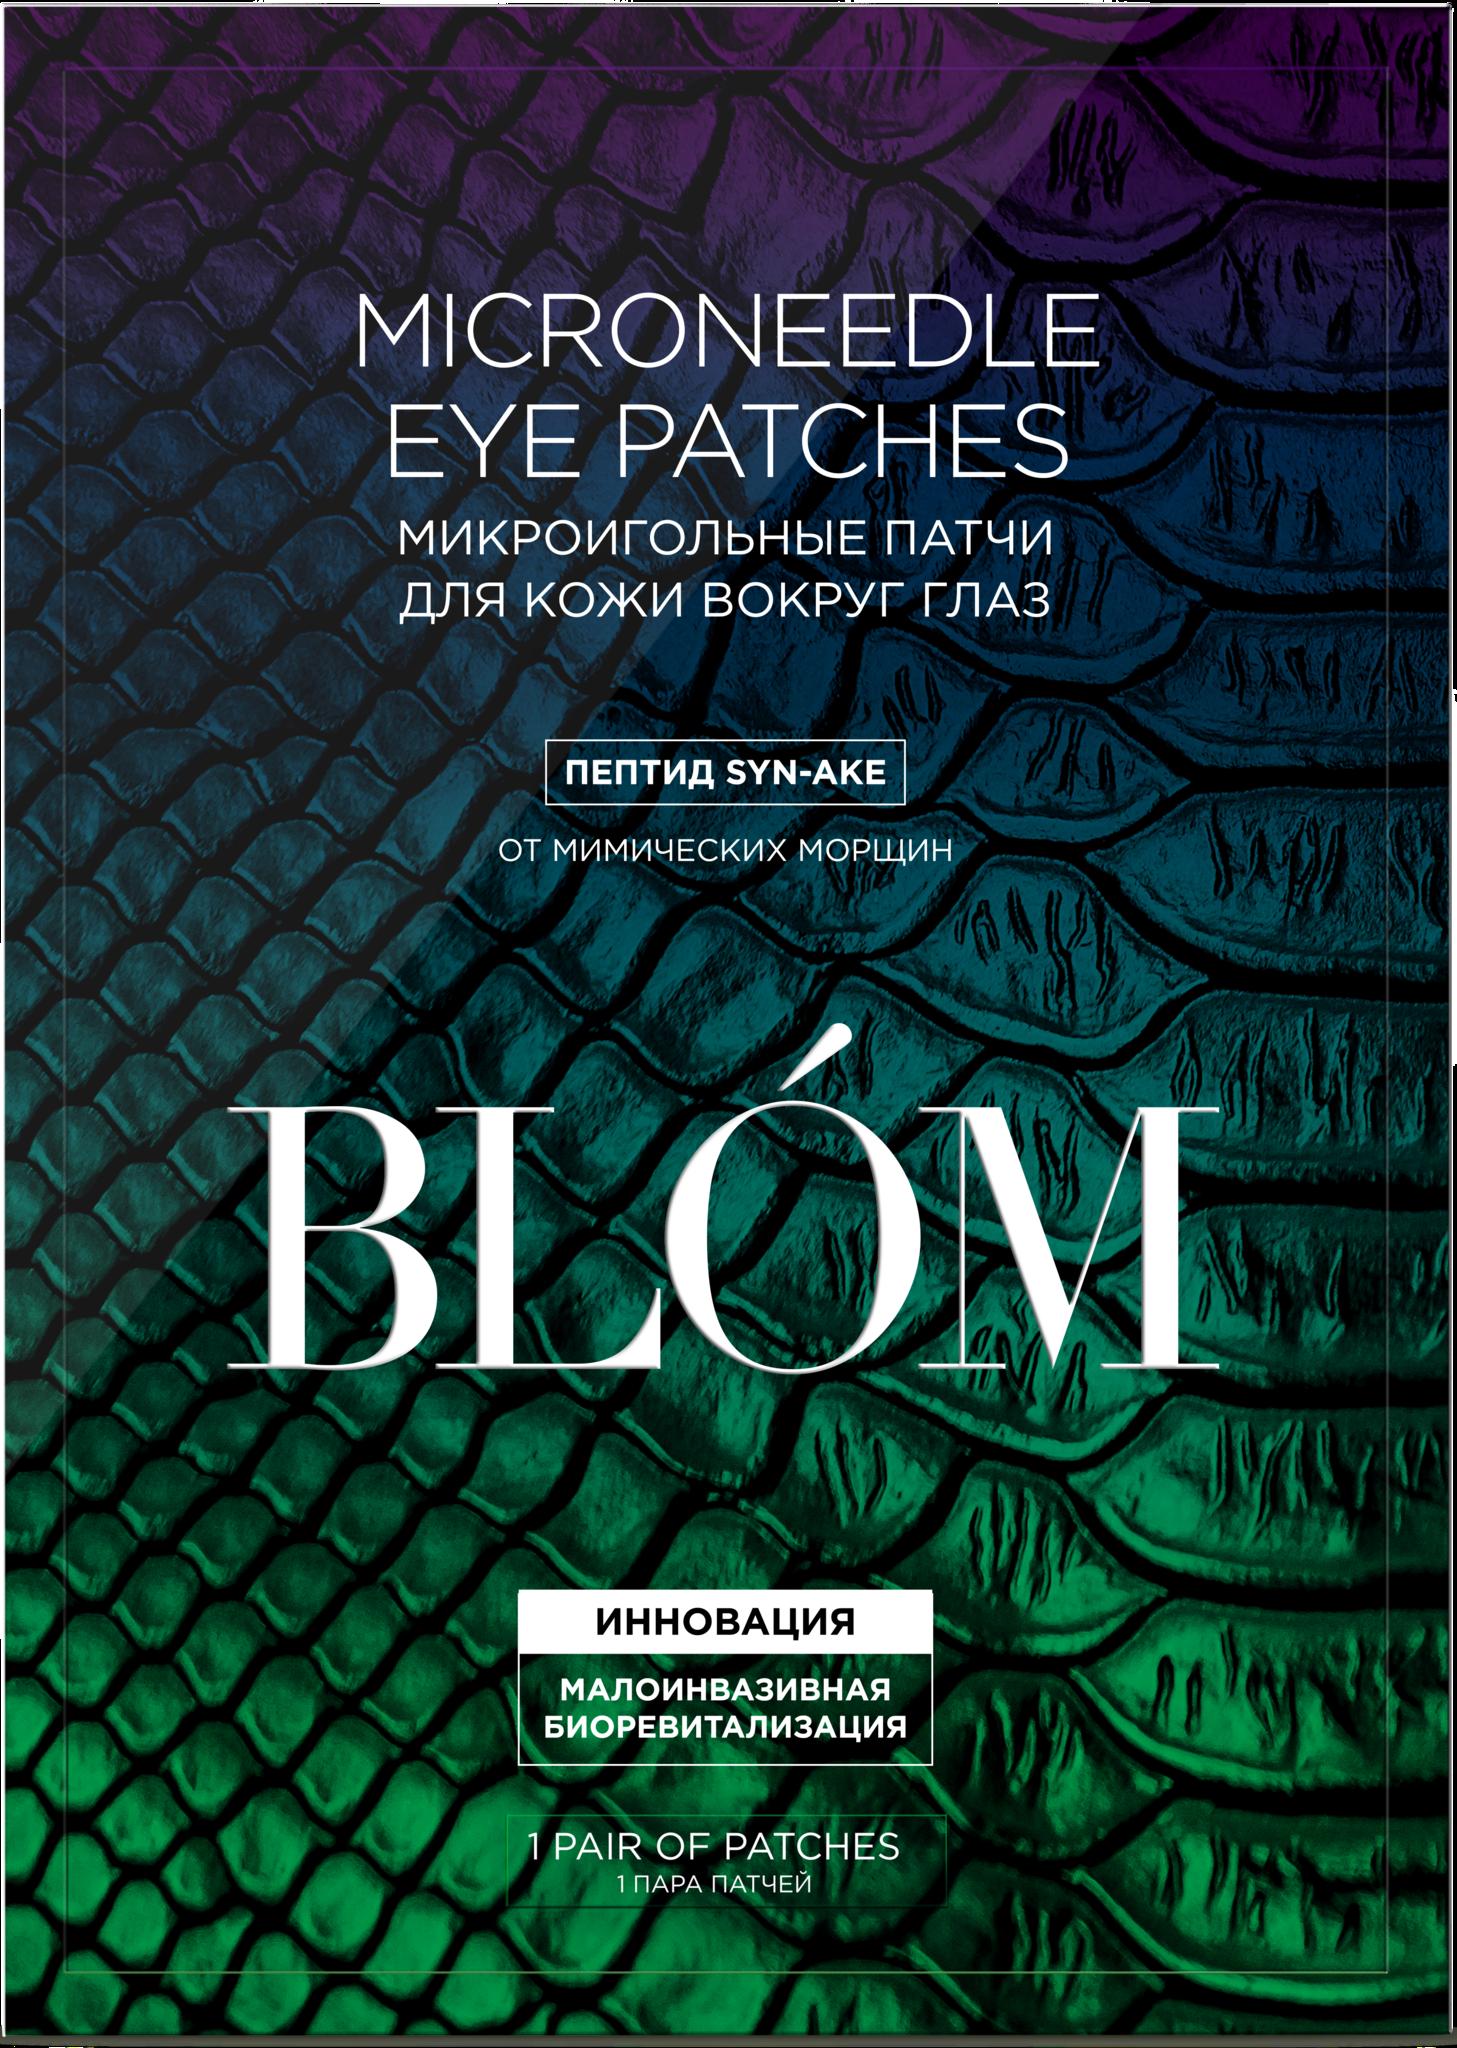 Голографические микроигольные патчи BLÓM «SYN-AKE + Гиалуроновая кислота» от мимических морщин 1 пара